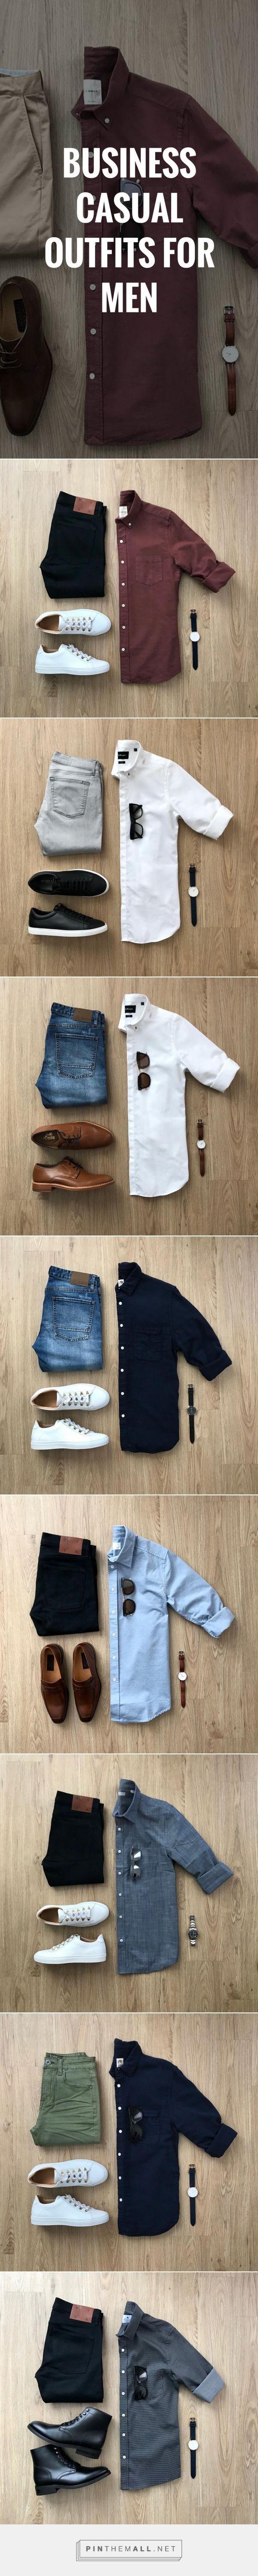 Leitfaden für Business Casual für Männer - Cool Style #howtowear